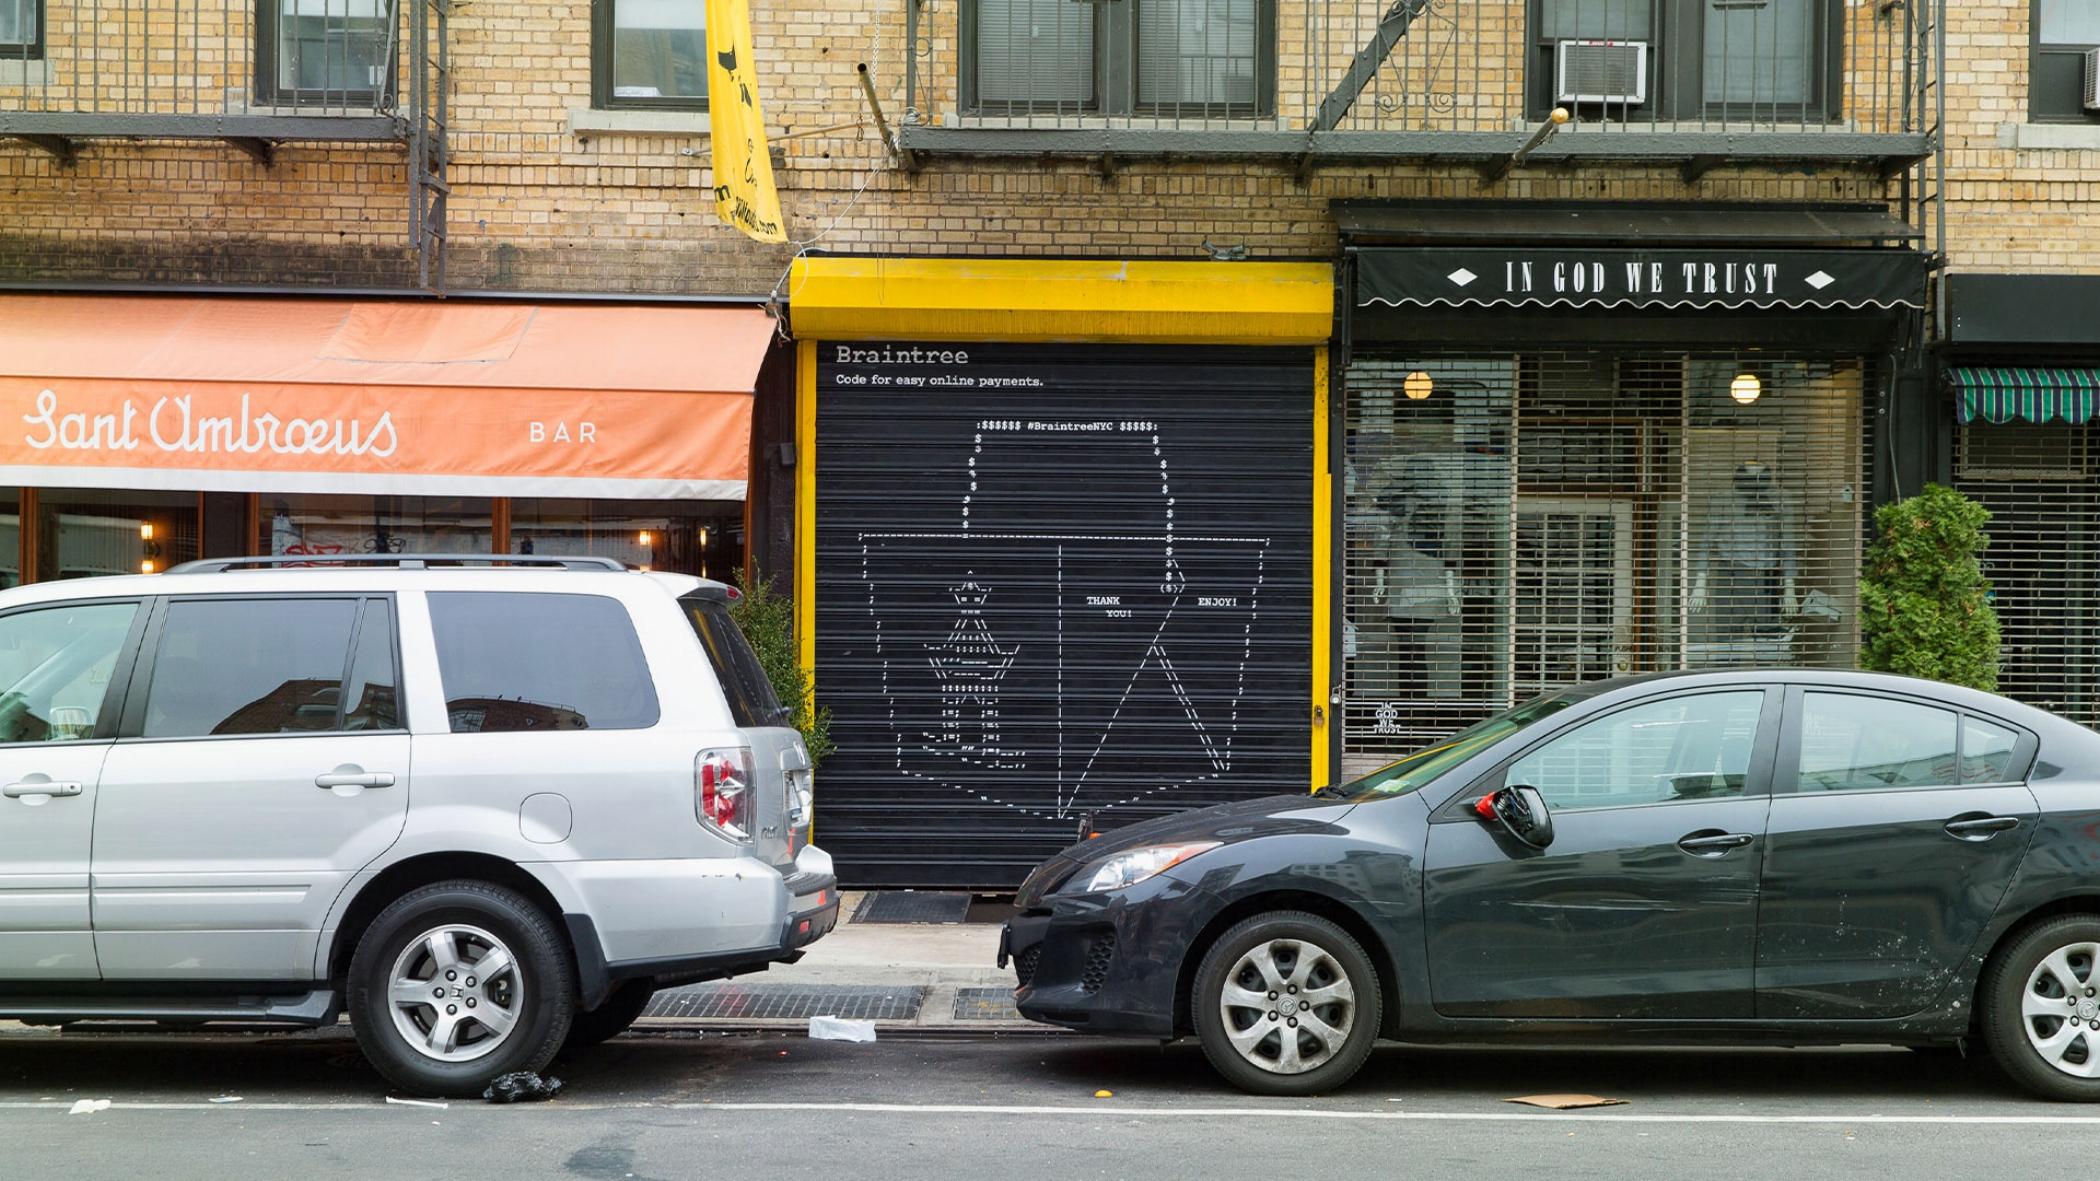 BT_murals_0005_chinese.jpg